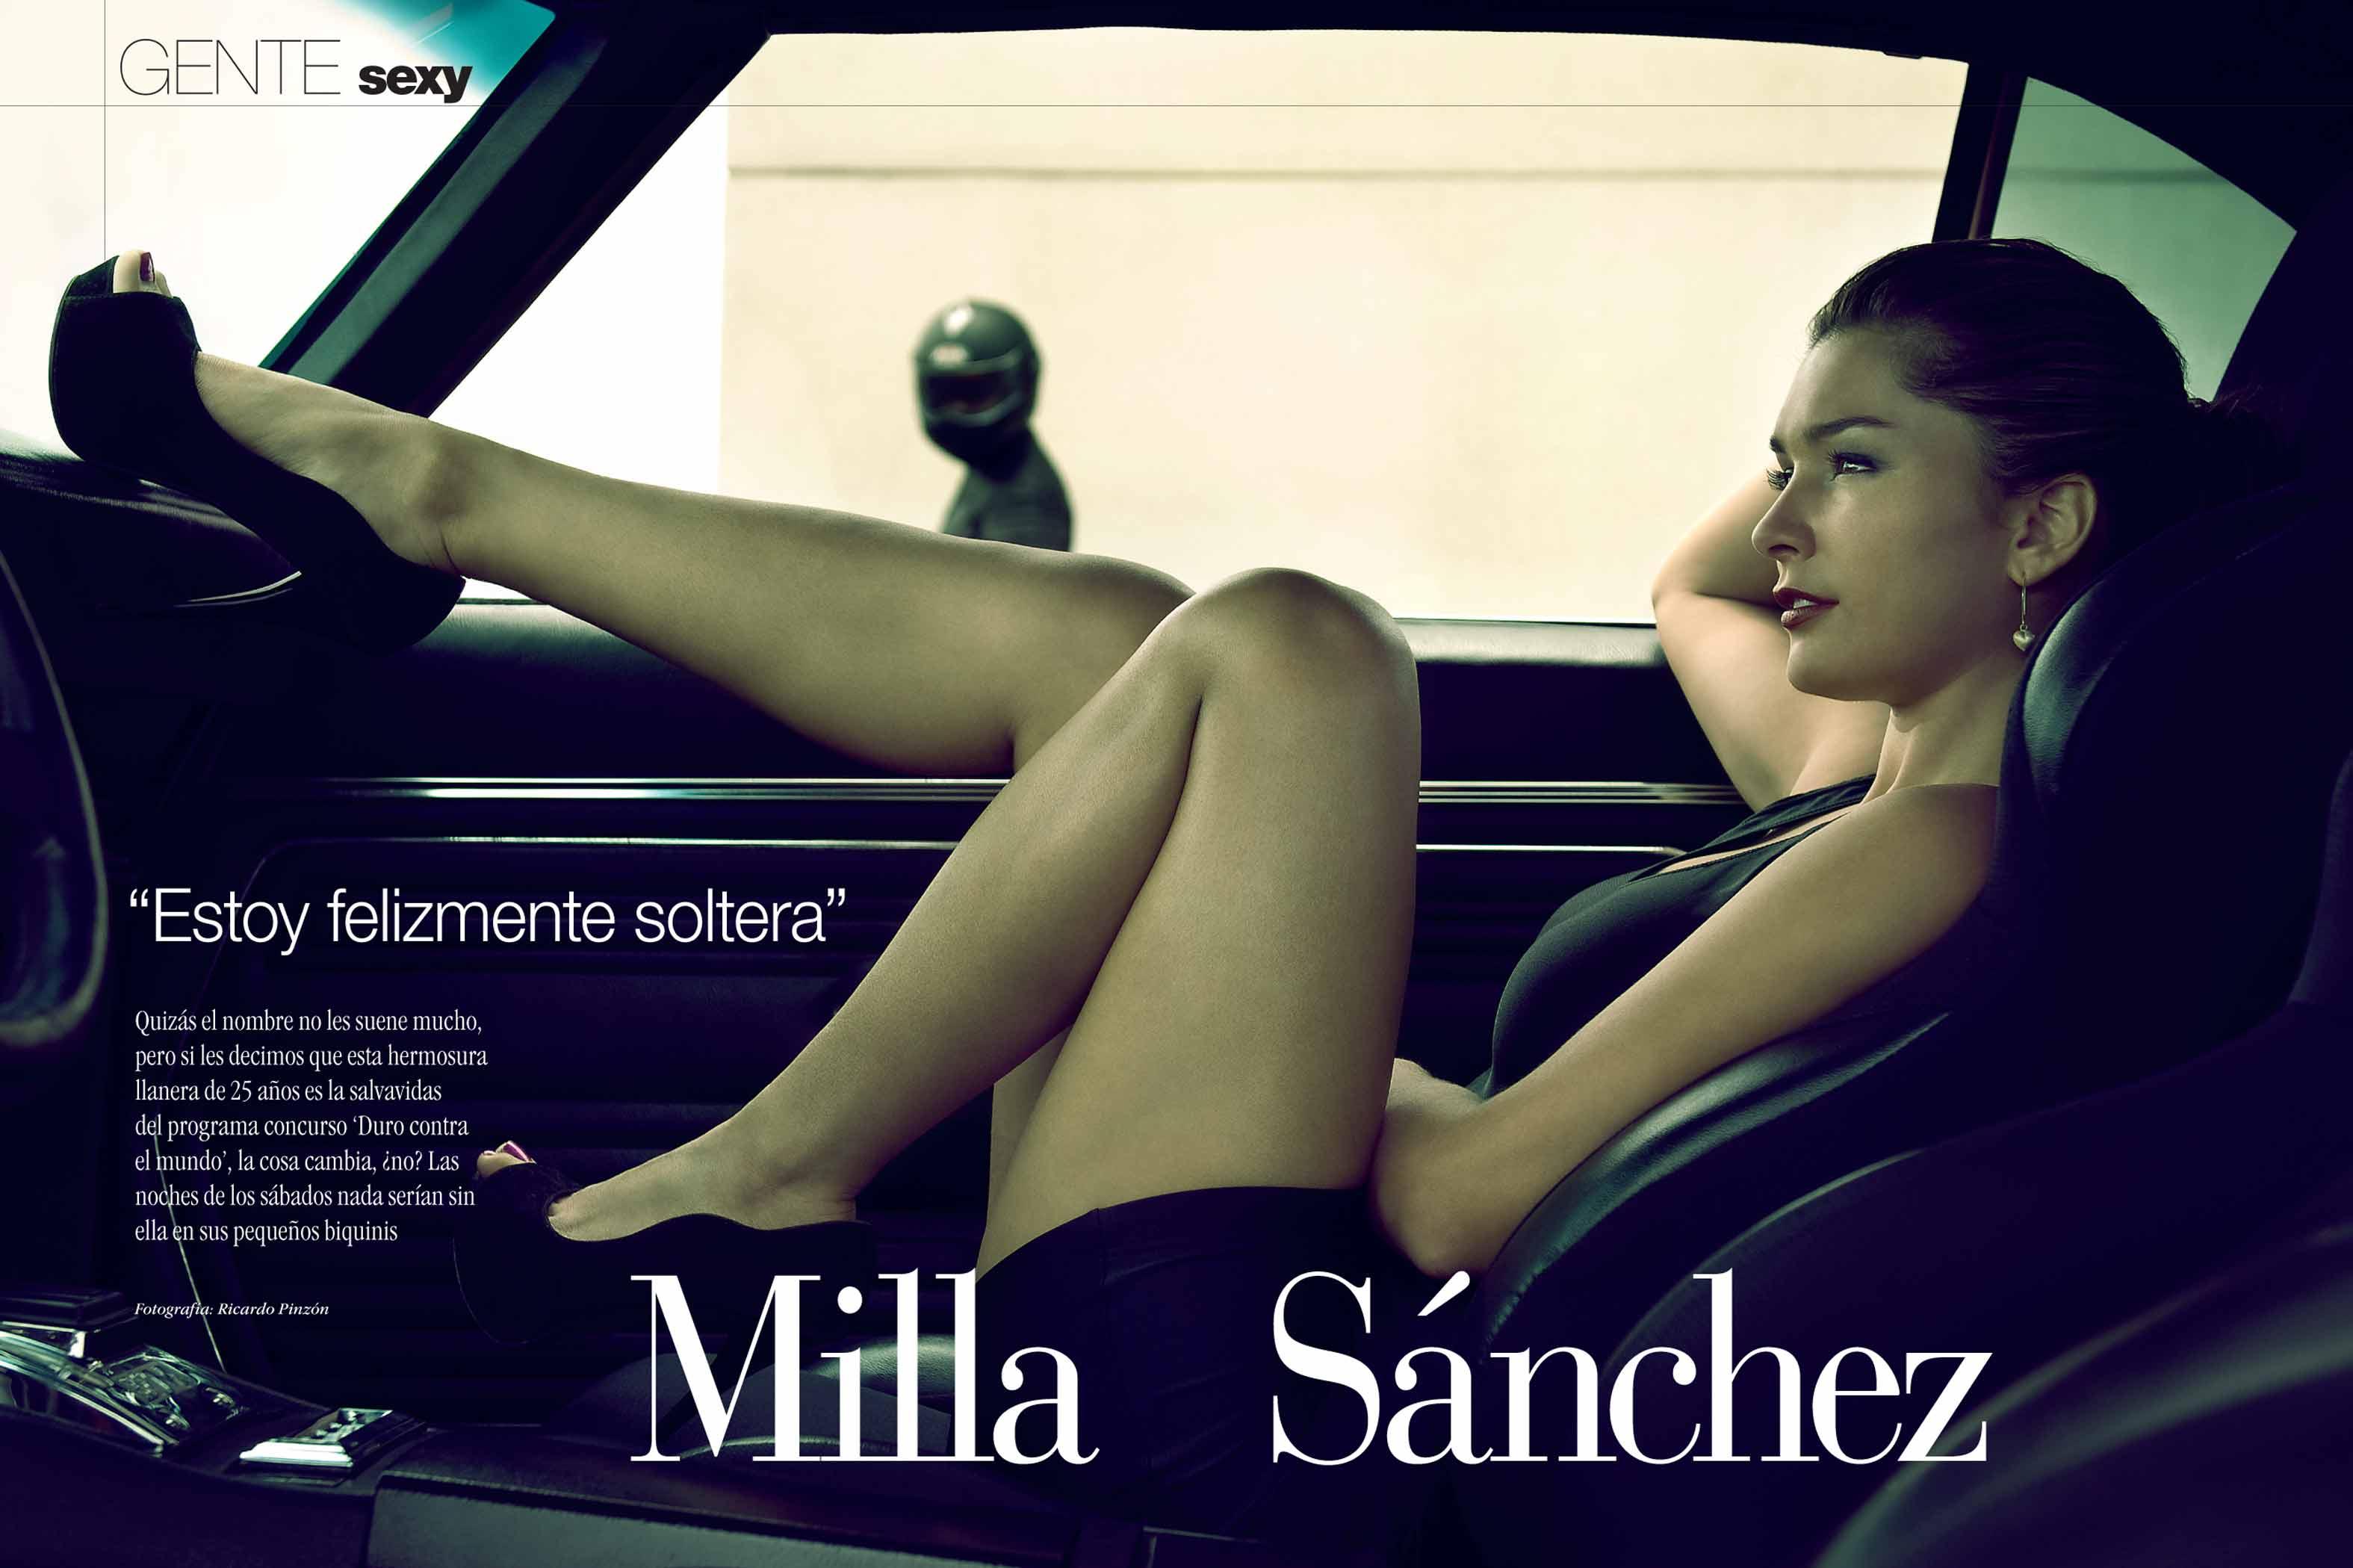 Milla Sánchez, La Salvavidas